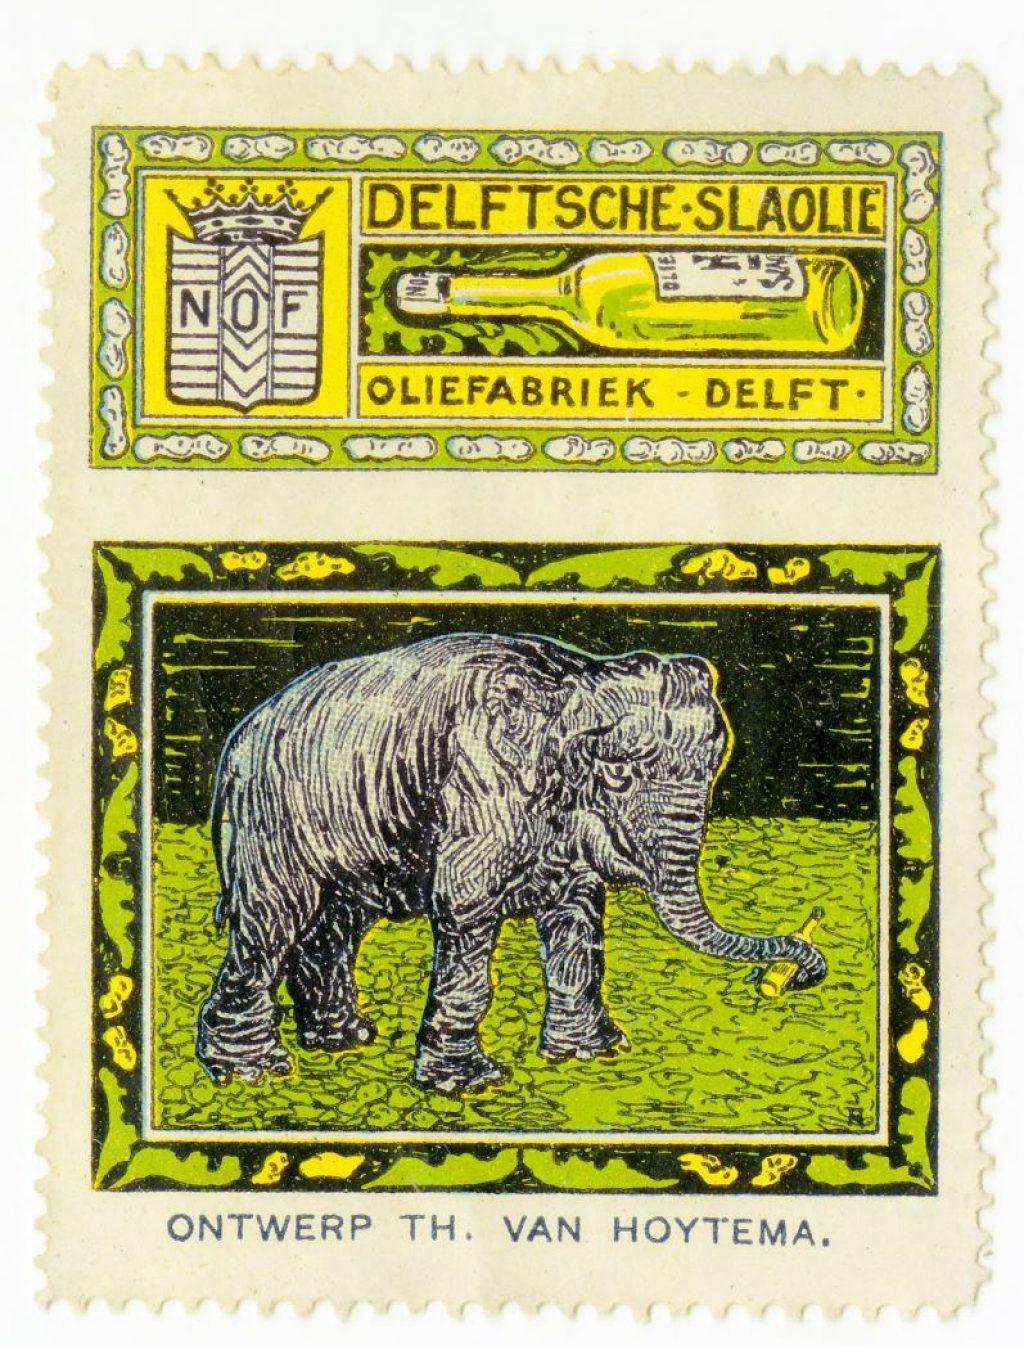 Sluitzegel, ontwerp van Theo Hoytema, 1914 (TMS 220651)